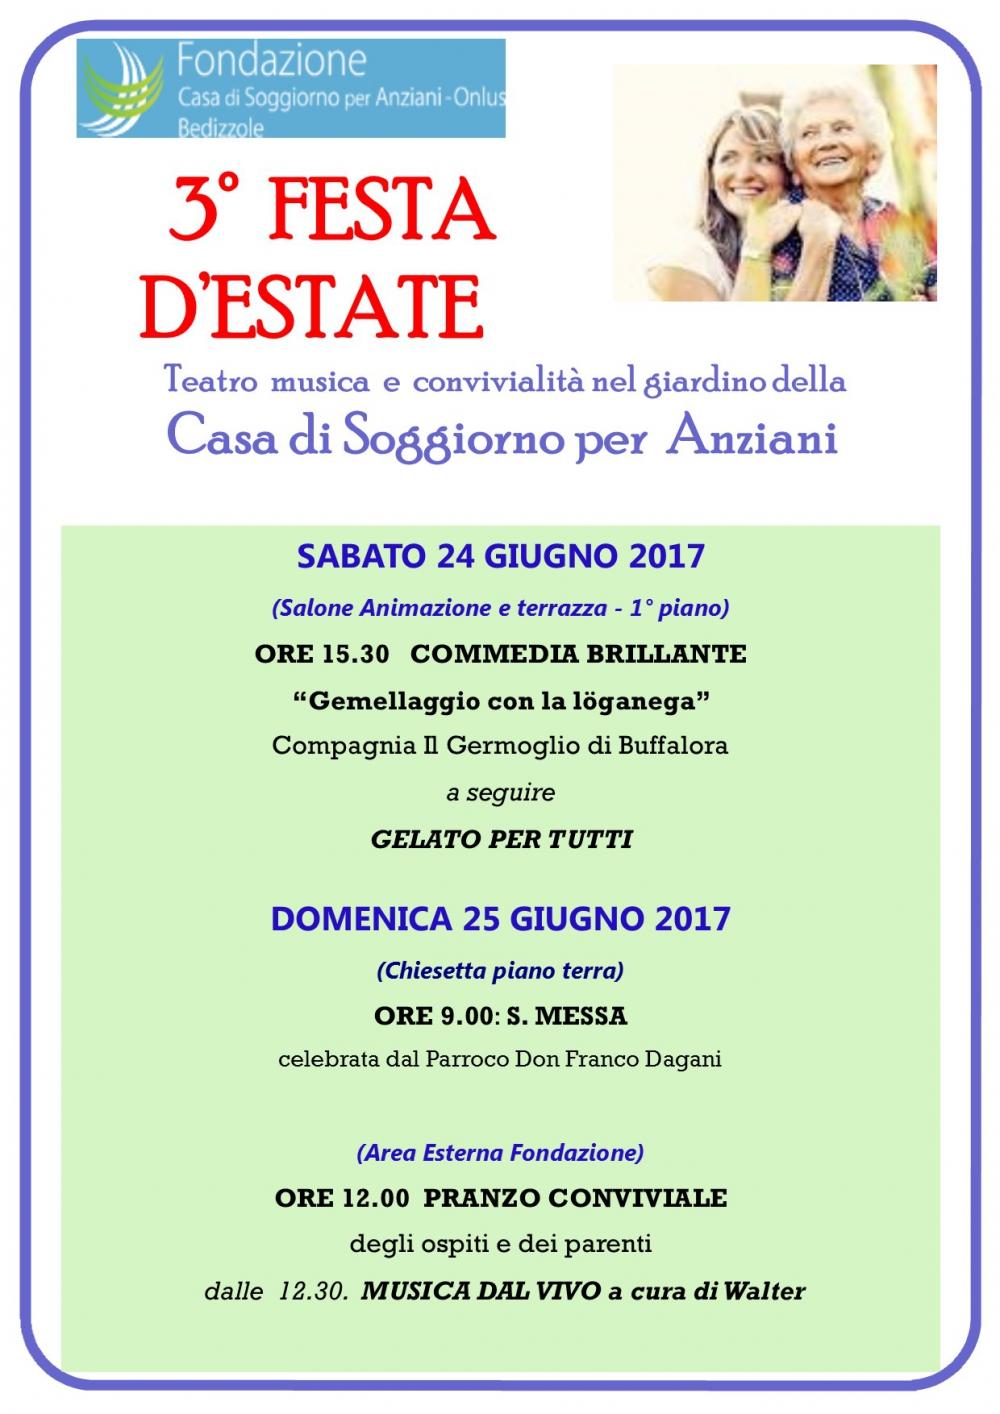 Casa per anziani a bedizzole brescia area eventi e news for Lista permesso di soggiorno brescia maggio 2017